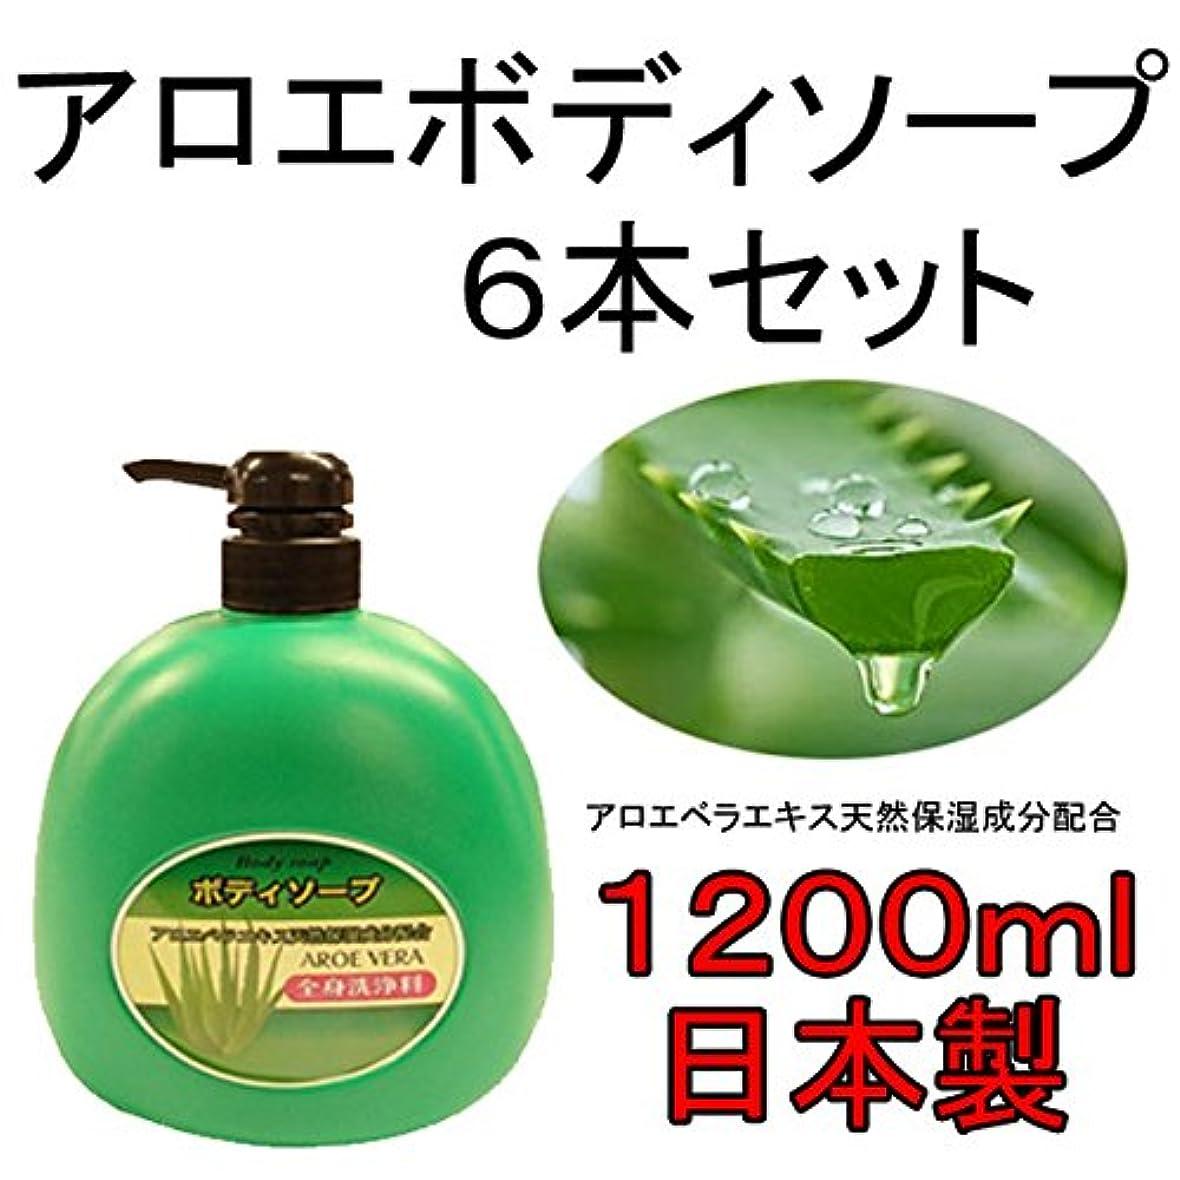 同情メイエラ提供する高級アロエボディソープ6本セット アロエエキスたっぷりでお肌つるつる 国産?日本製で安心/約1年分1本1200mlの大容量でお得 液体ソープ ボディソープ ボディシャンプー 風呂用 石鹸 せっけん 全身用ソープ body...